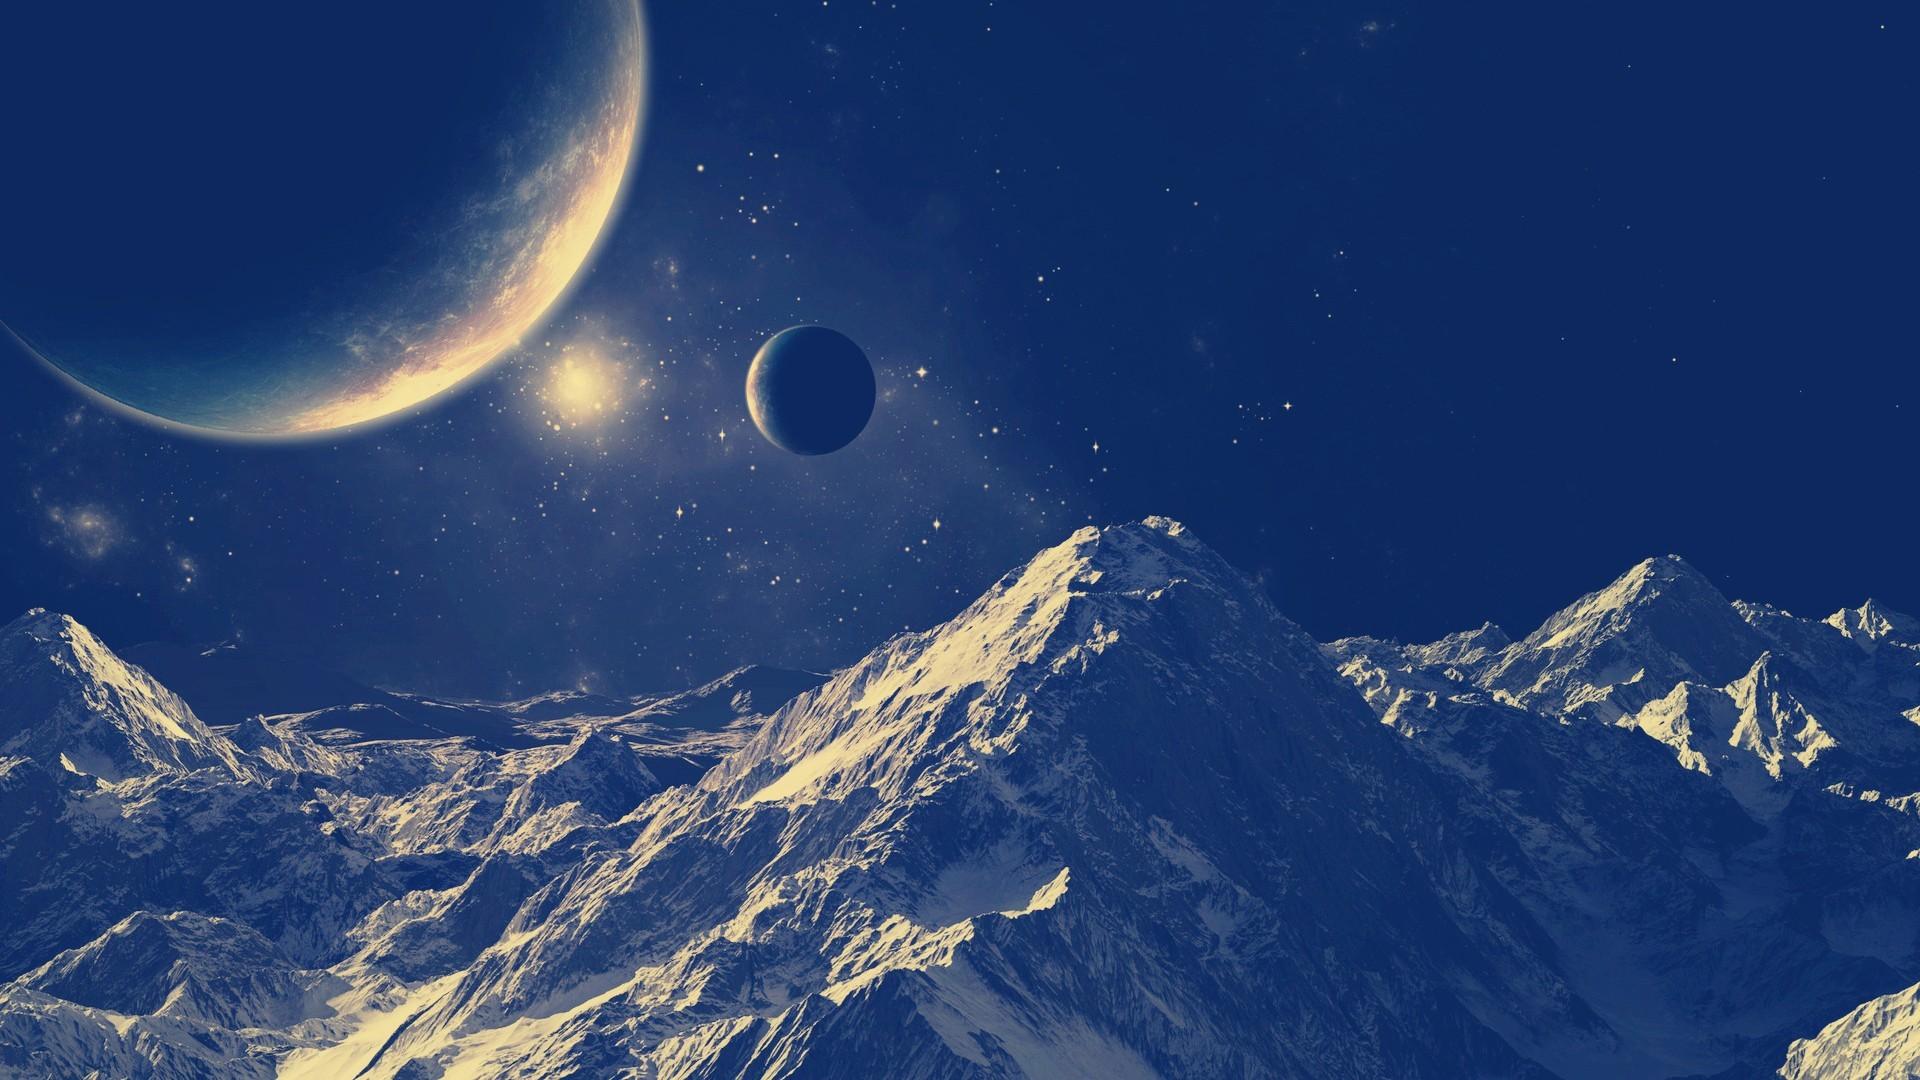 sci fi planet landscape – photo #13. Landscape Computer Wallpapers, Desktop  Backgrounds .